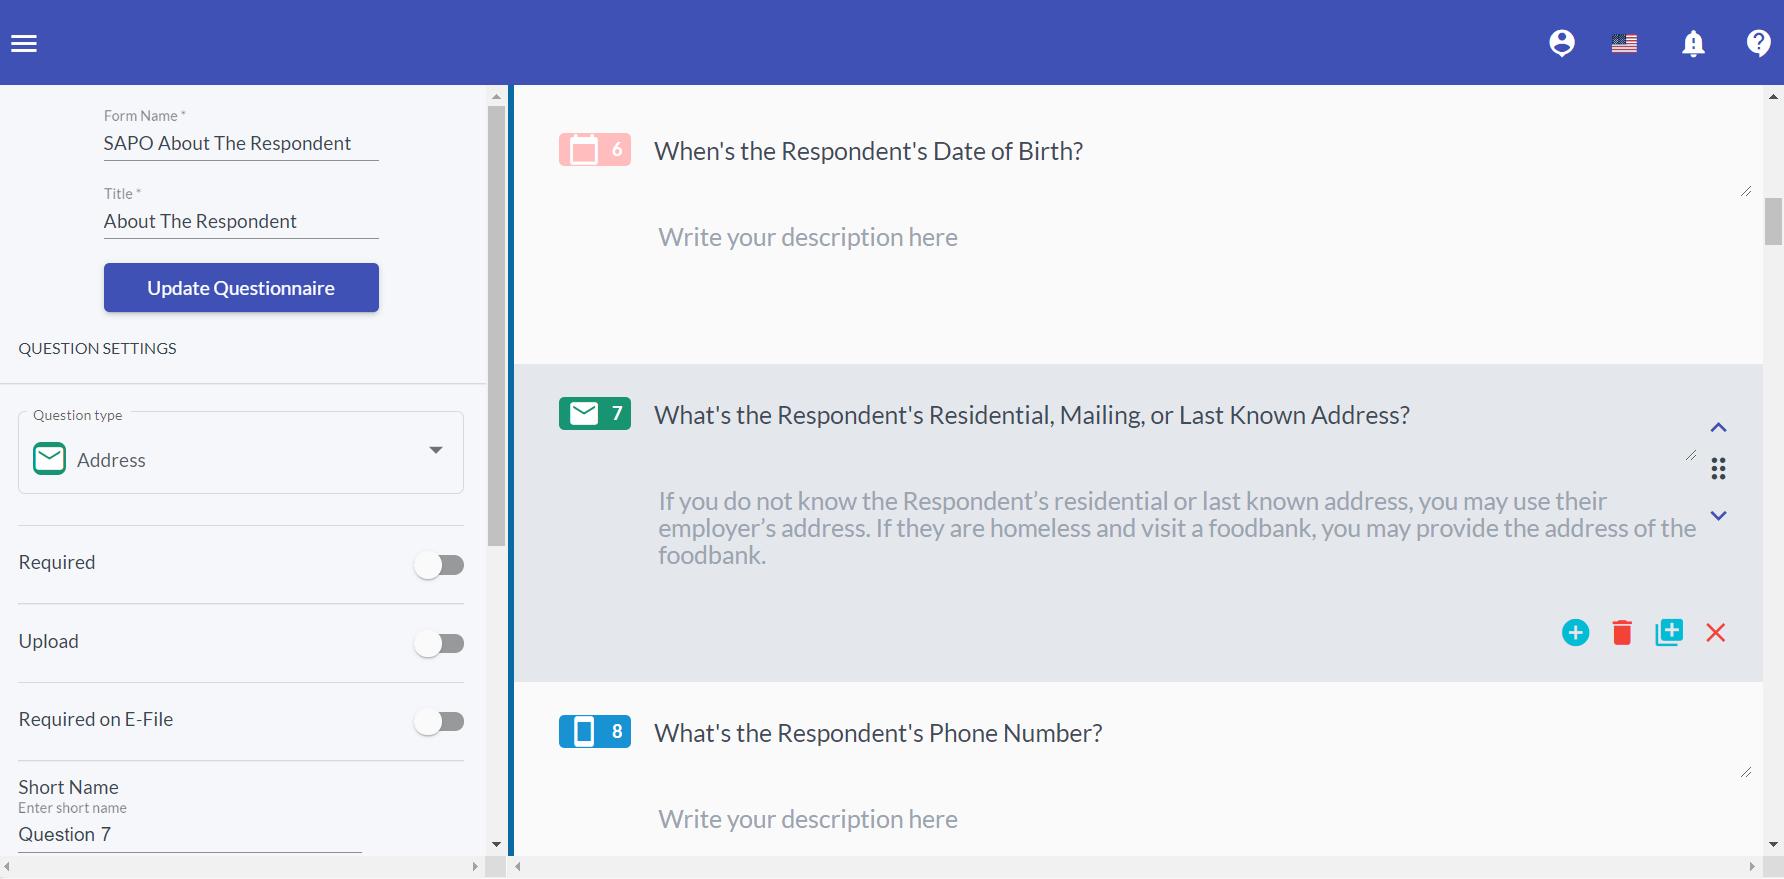 questionnaireScreenshot